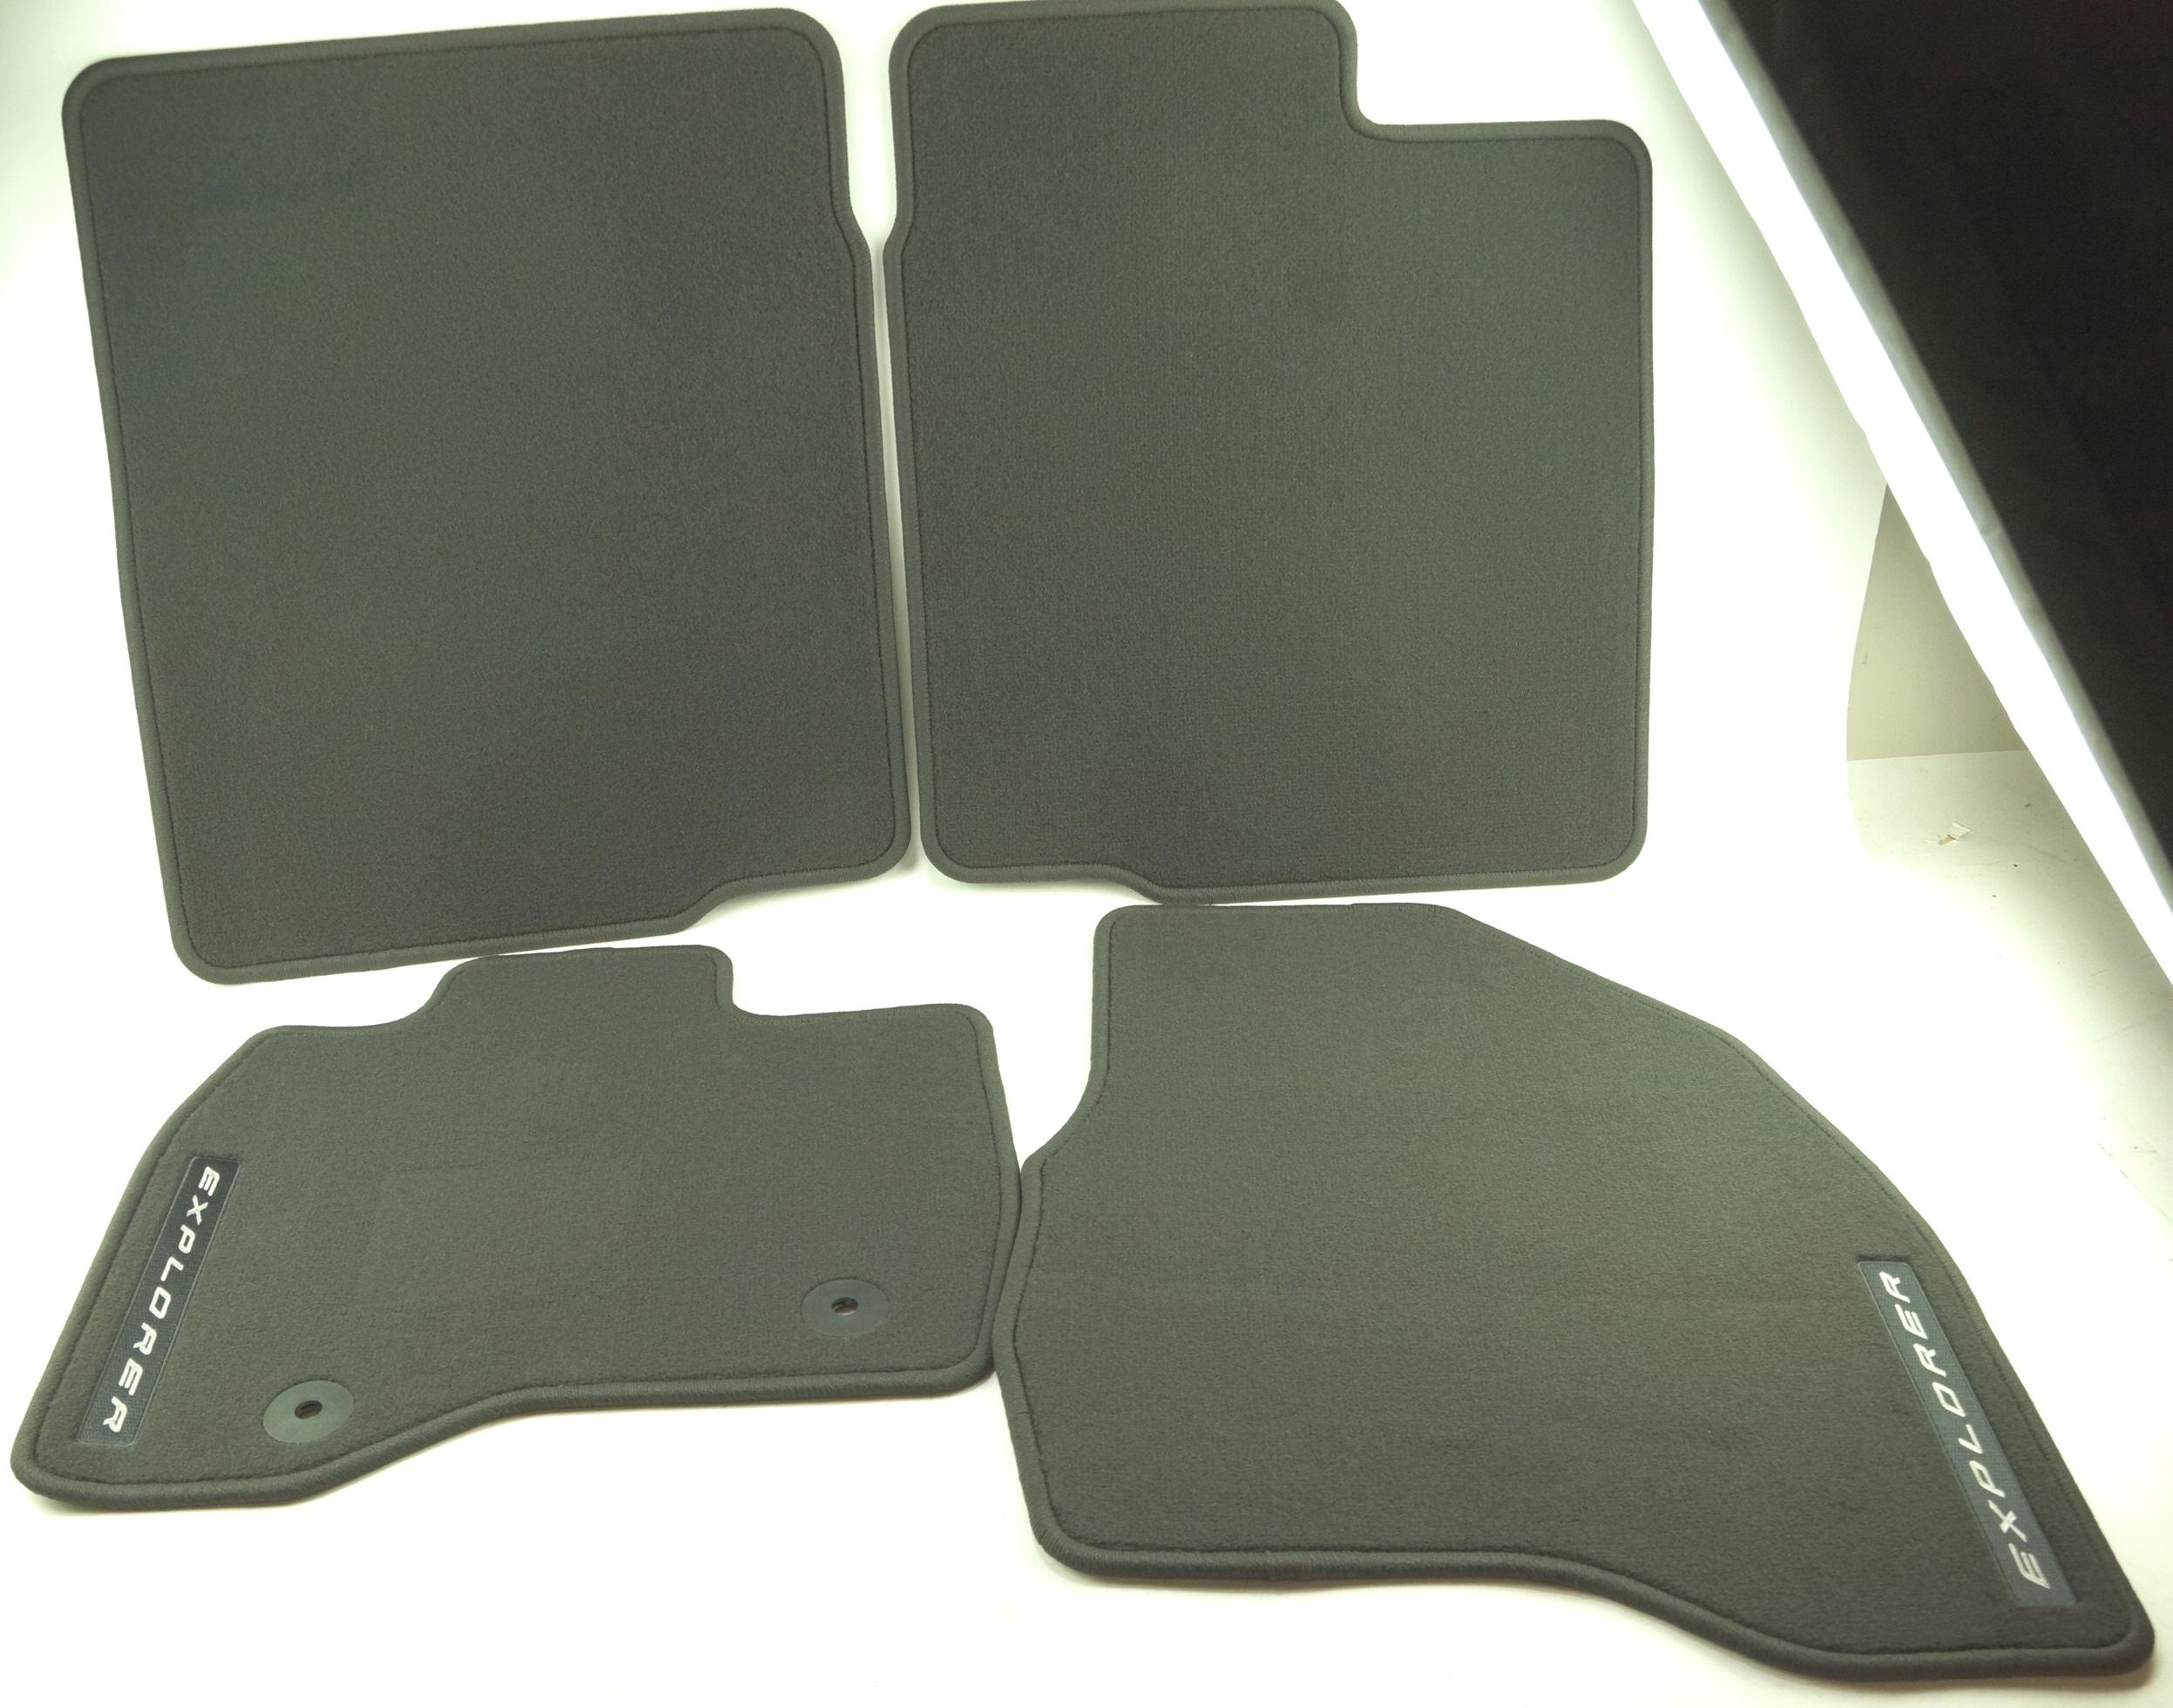 Nylon Carpet Black Coverking Custom Fit Front Floor Mats for Select Dodge RAM Models